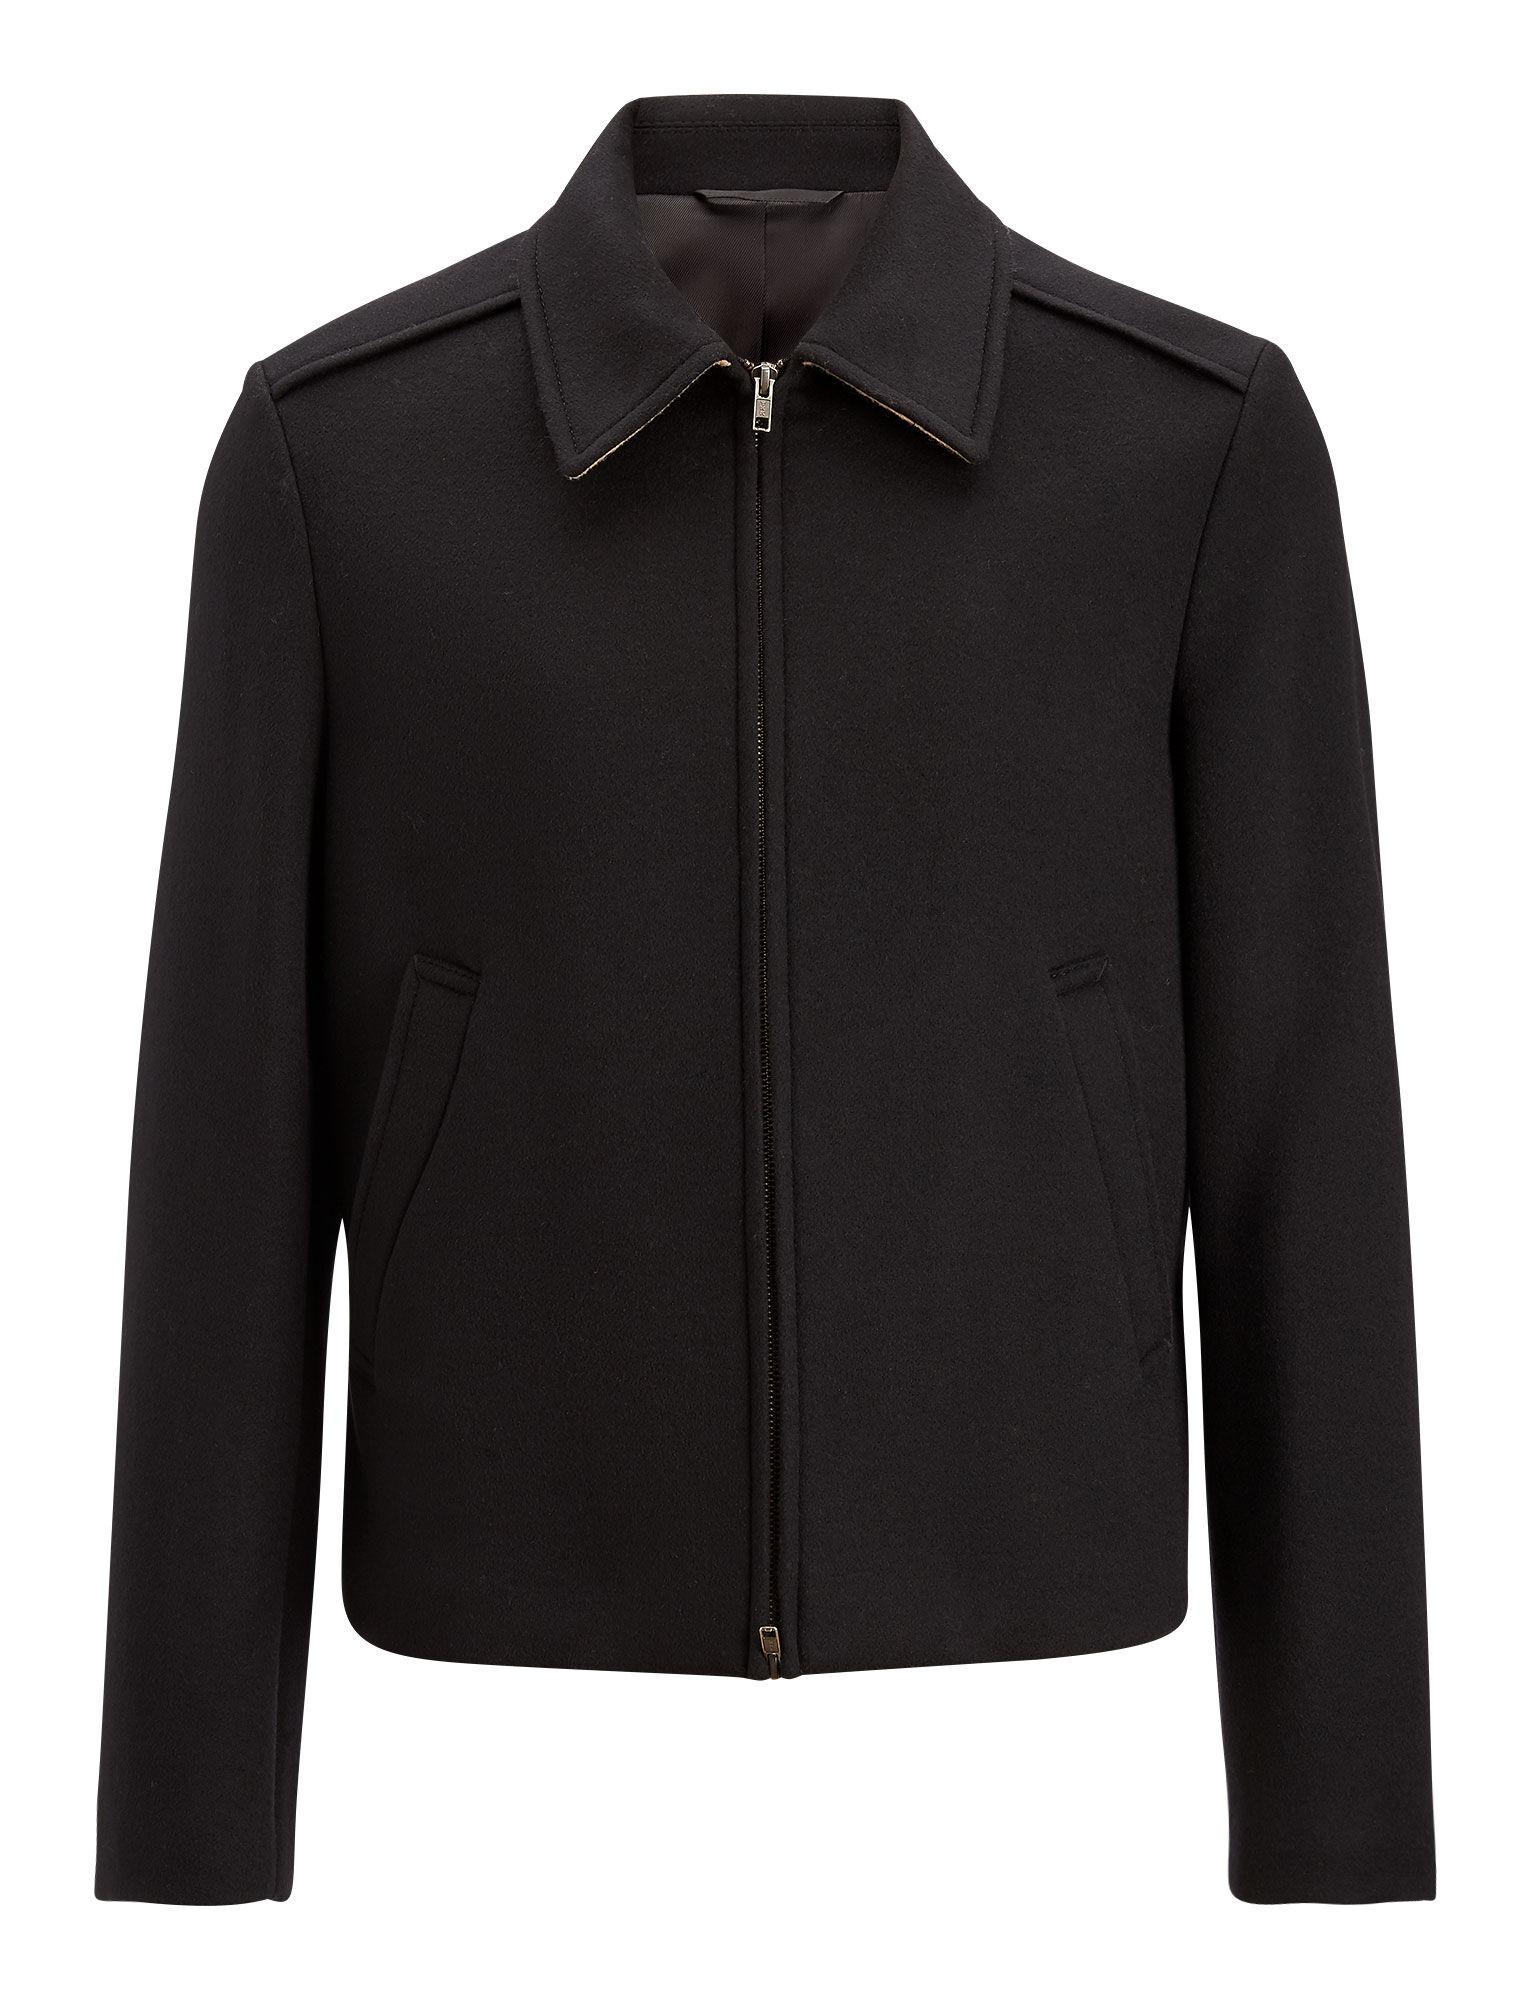 Joseph, Michel Tailored Coat, in BLACK